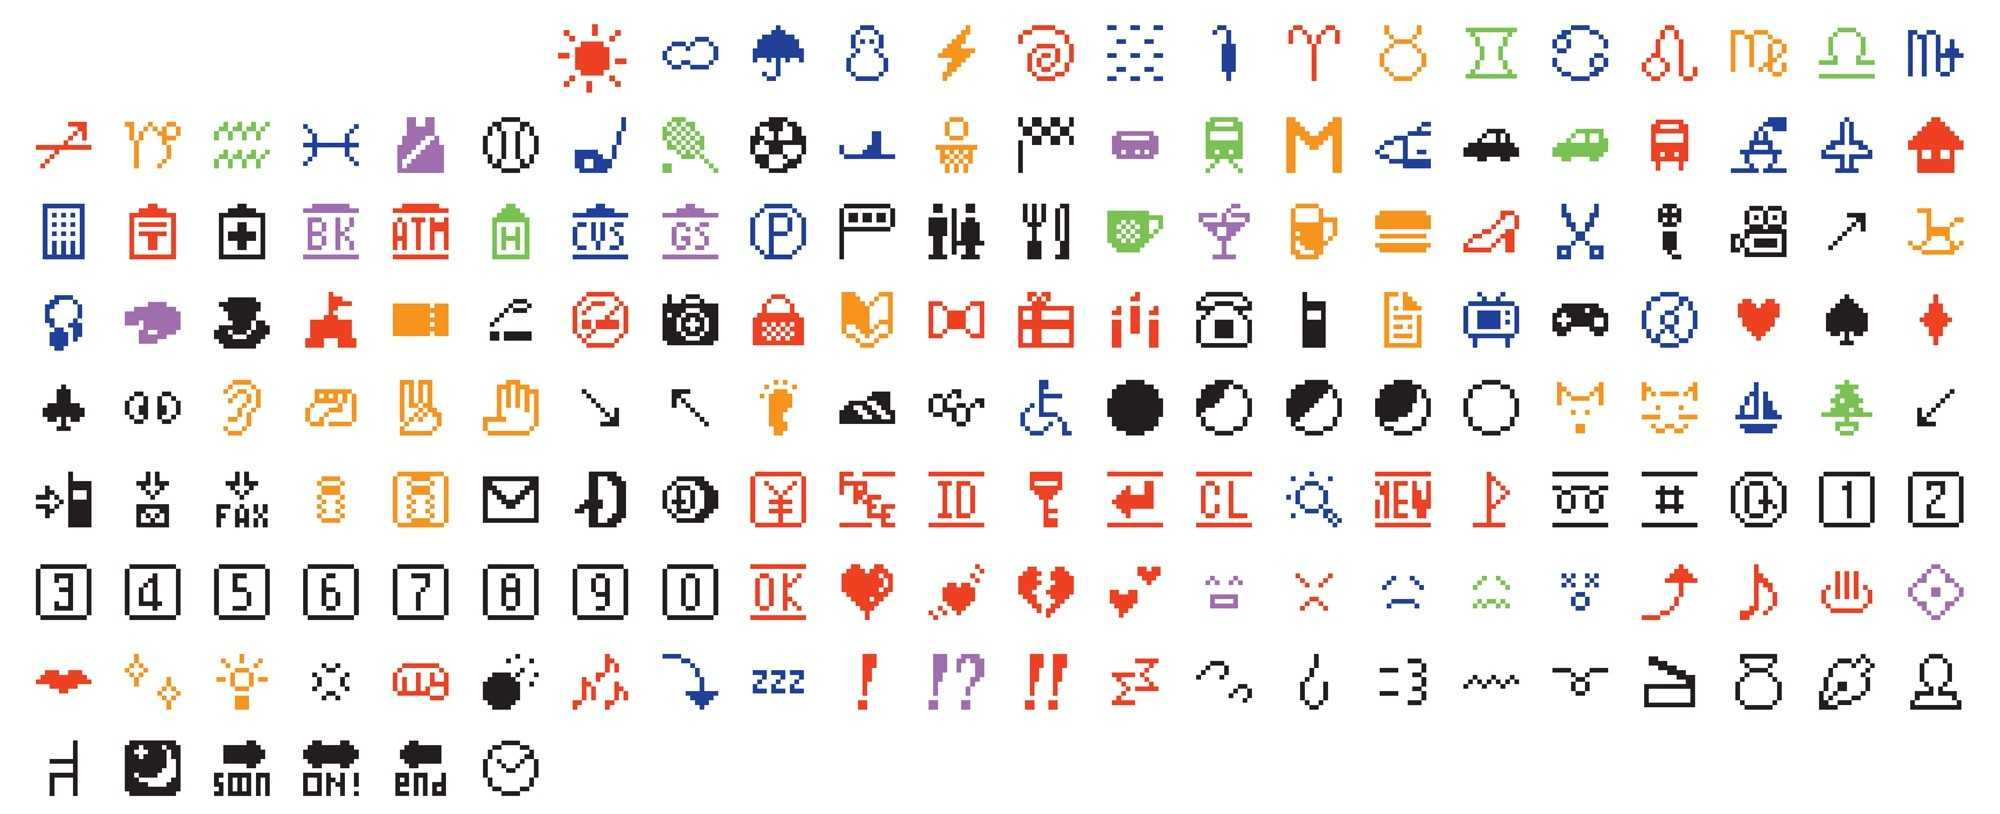 Diese 176 Emojis haben es sogar ins Museum of Modern Art geschafft.